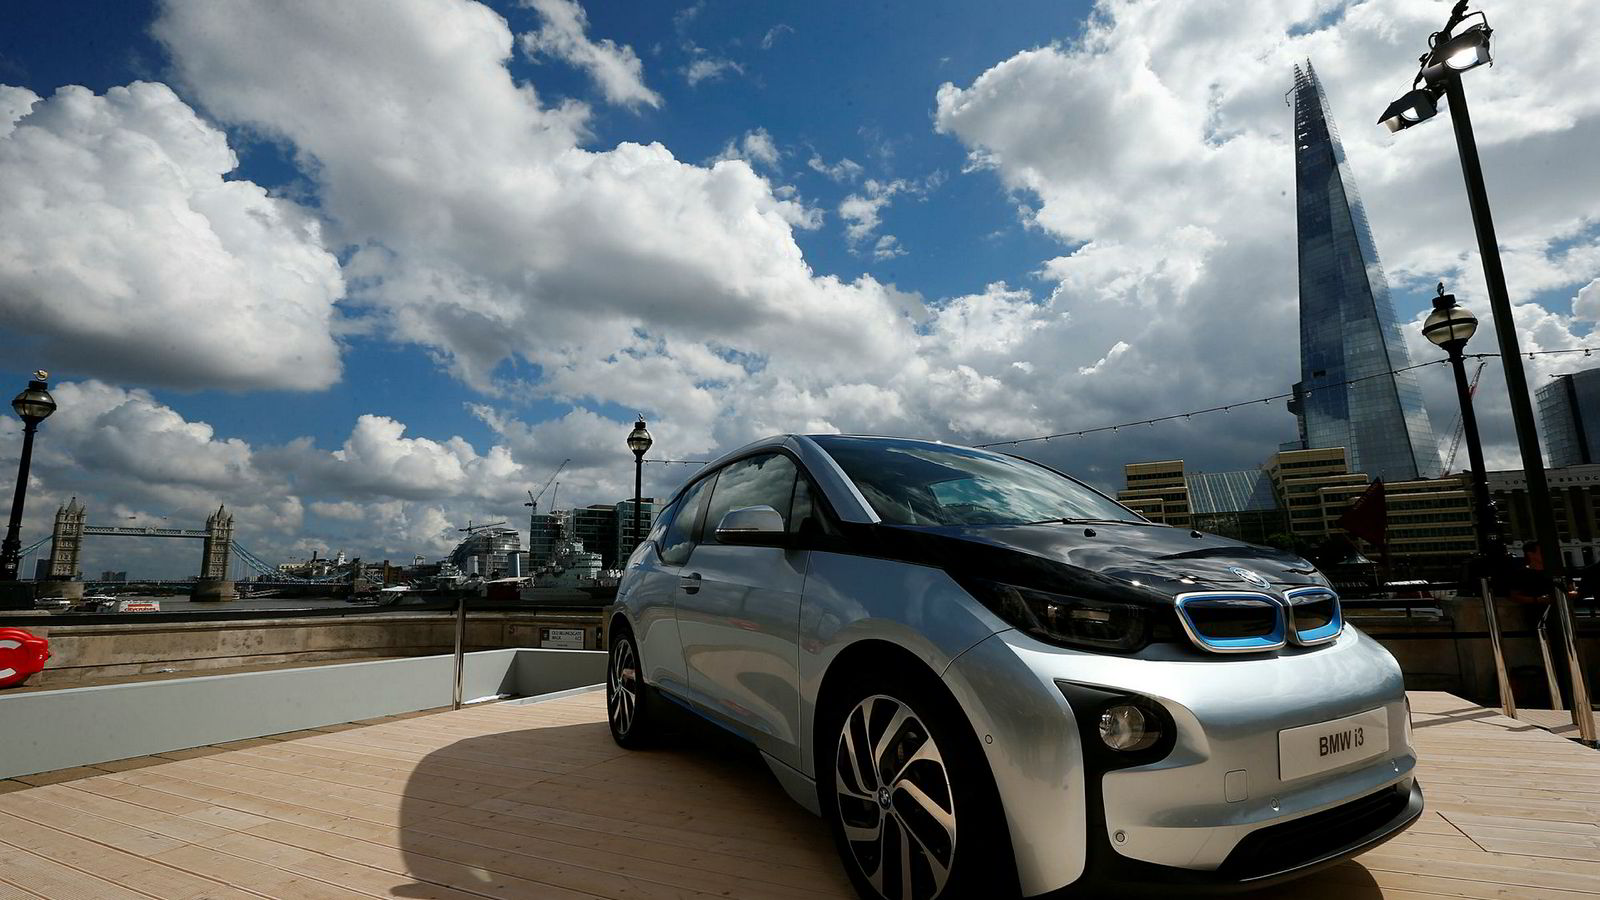 London vil de nærmeste tre årene bli fylt opp med 3000 elbiler i et testprosjekt. Her fra 2013-lansering av elbilen BMW i3 med landemerkene Tower Bridge og the Shard i bakgrunnen.